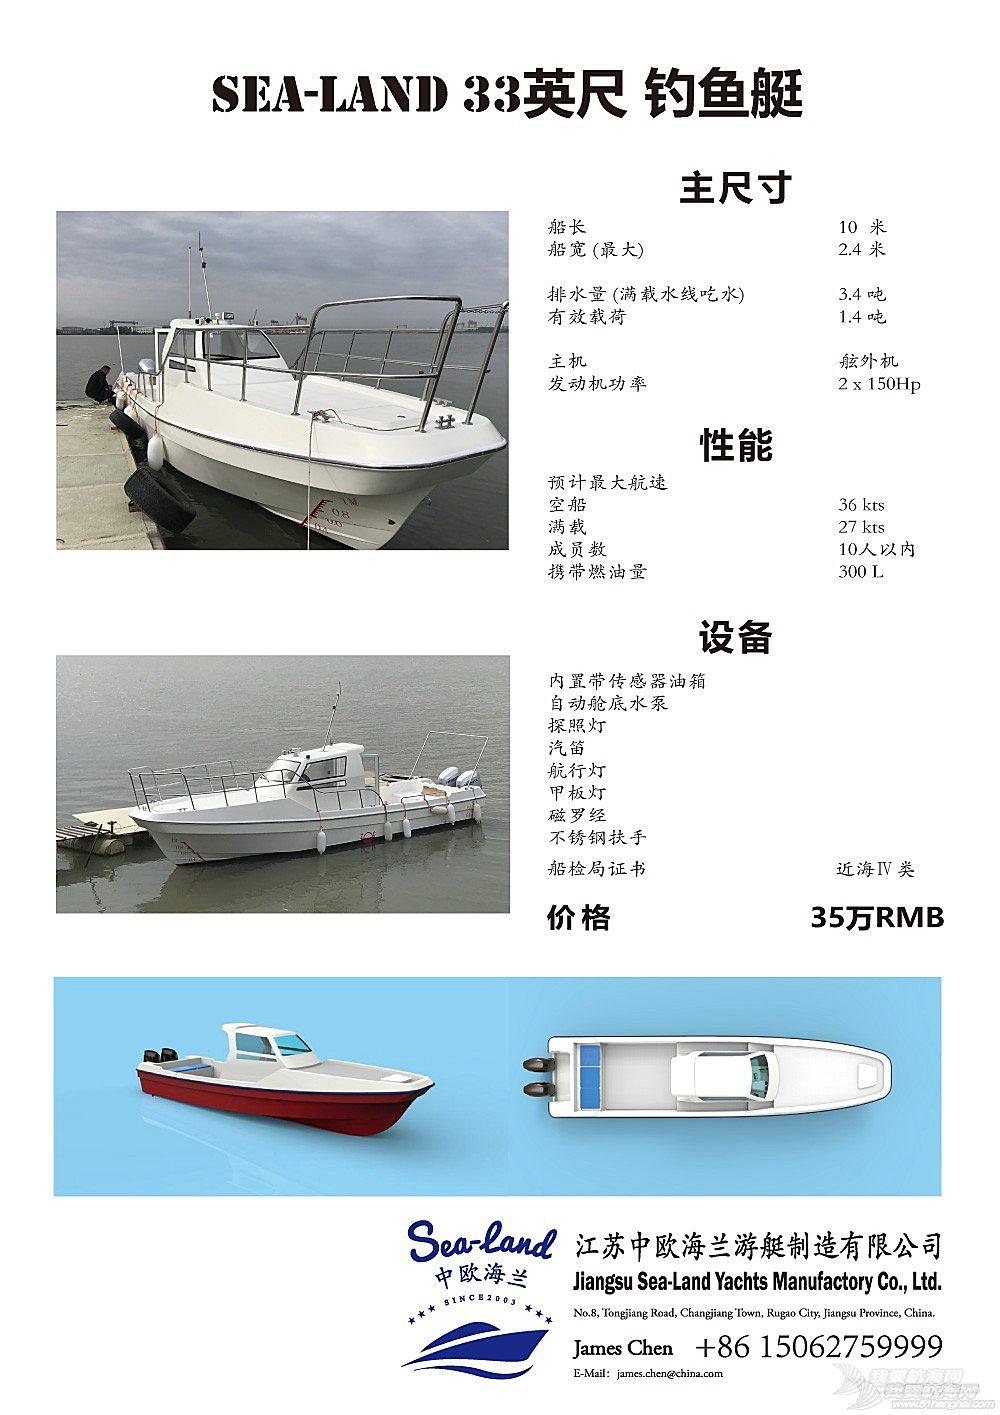 33英尺钓鱼艇